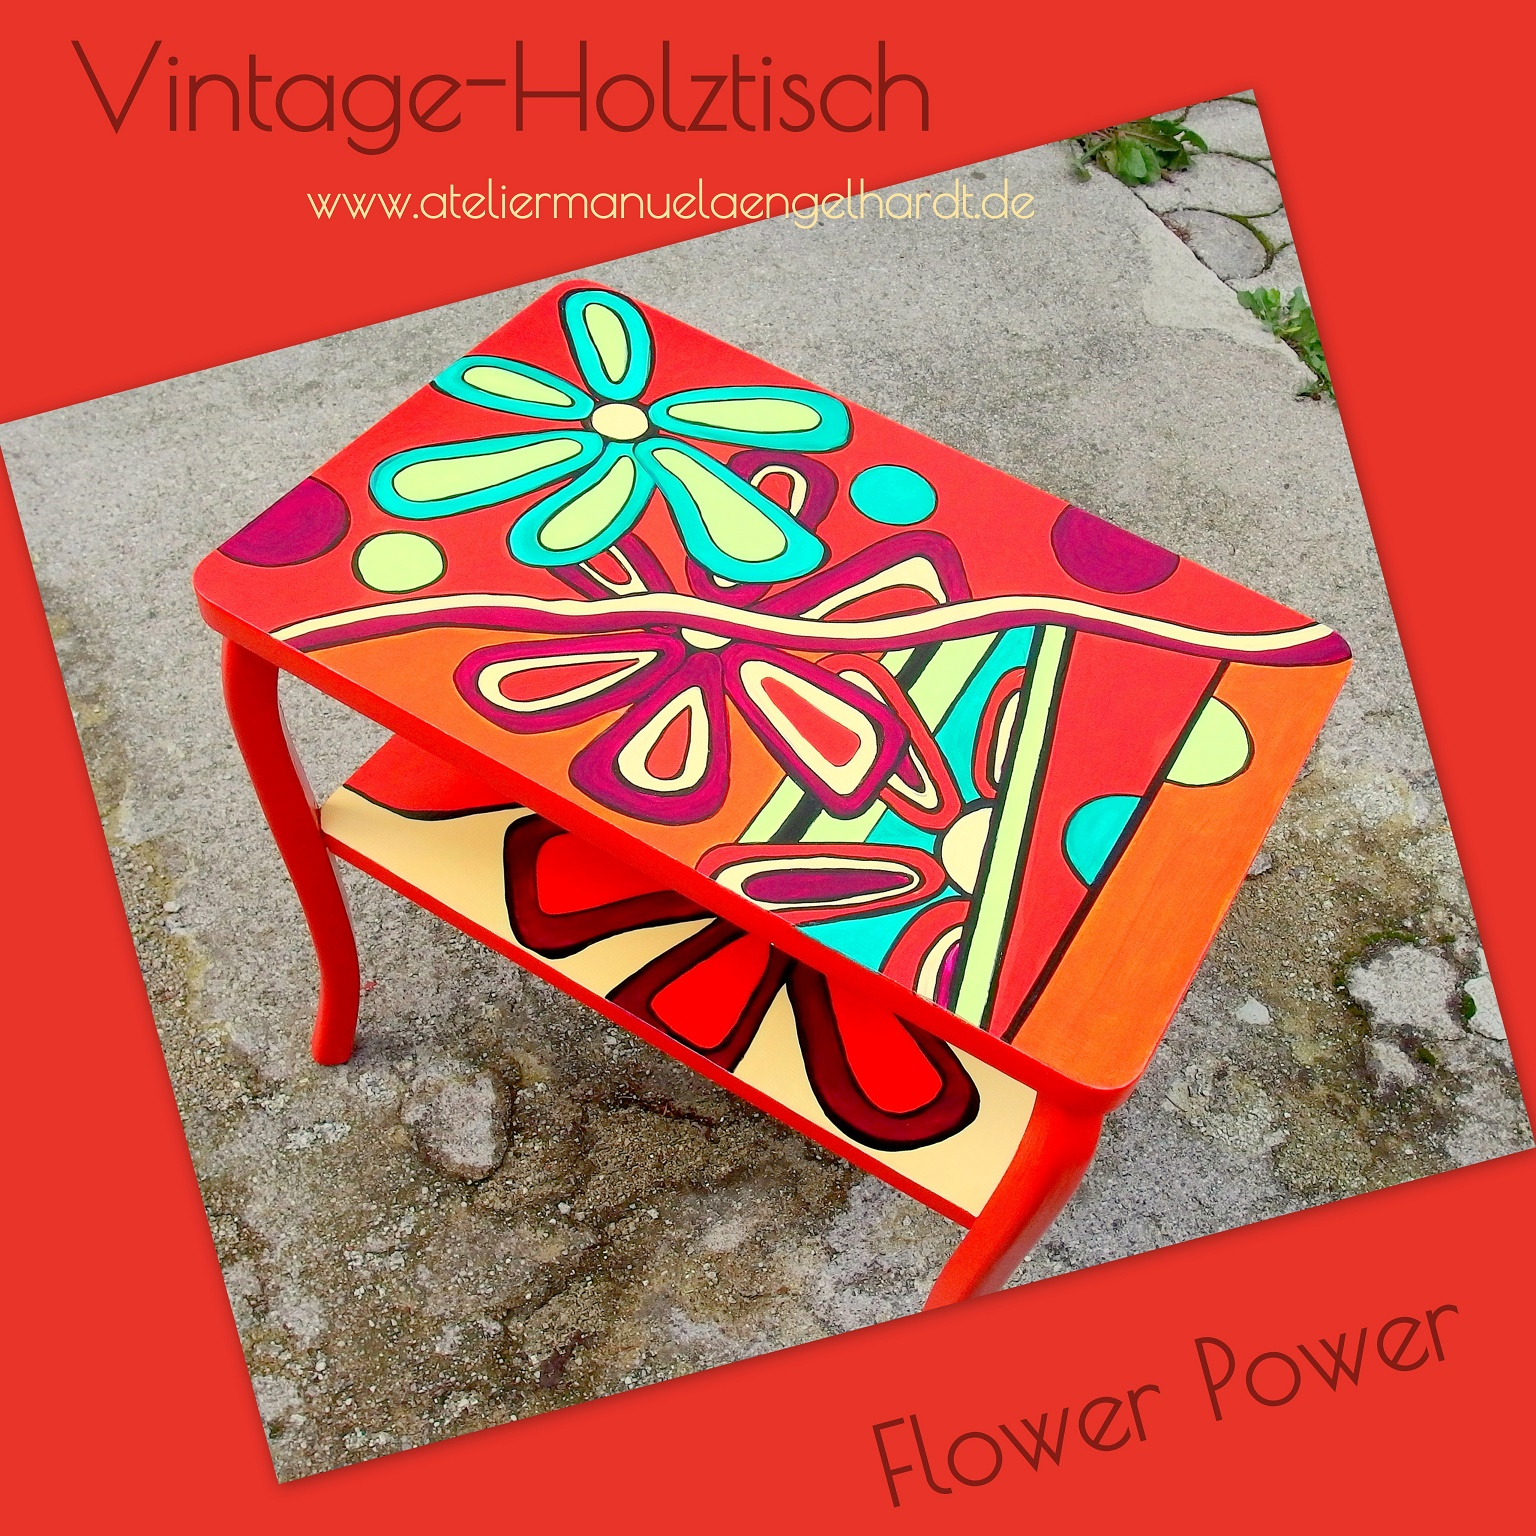 Vintage Holztisch Flower Power